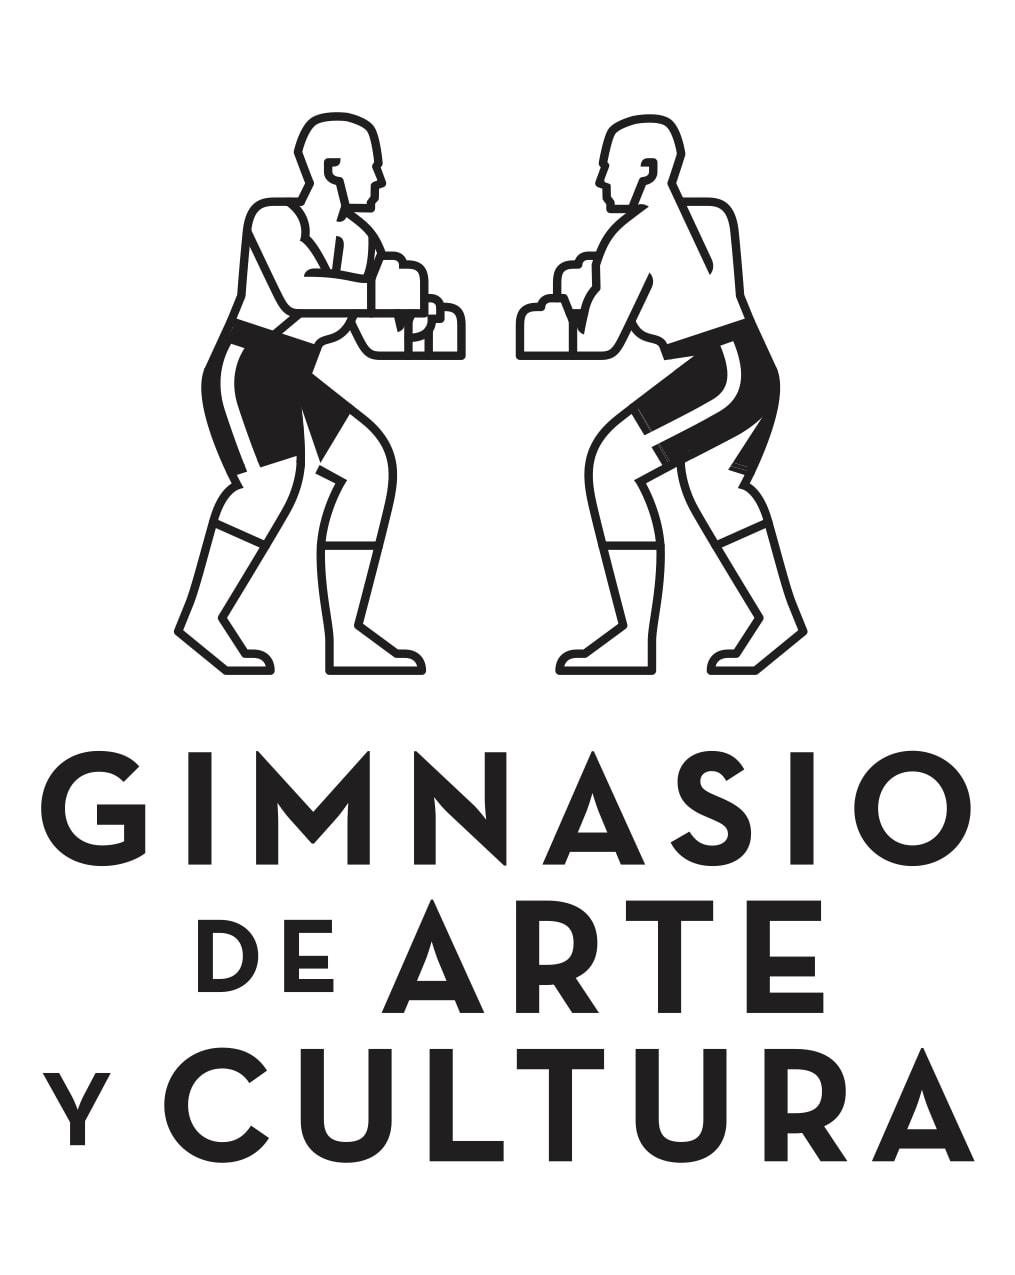 Gimnasio de Arte y Cultura - Escuela de fotografía